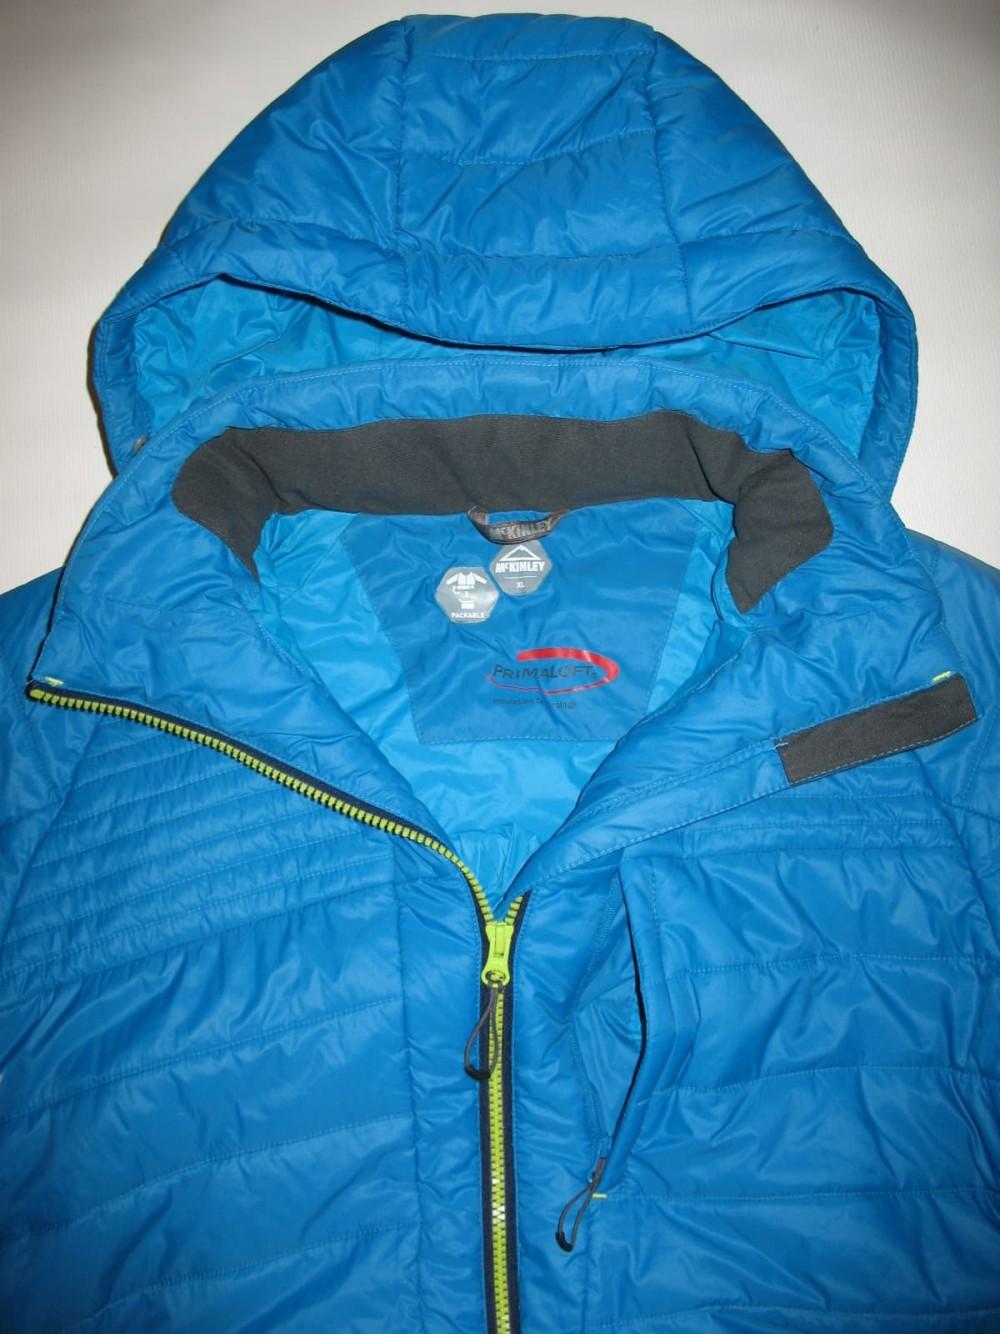 Куртка McKINLEY cando primaloft 100 jacket (размер XL) - 4